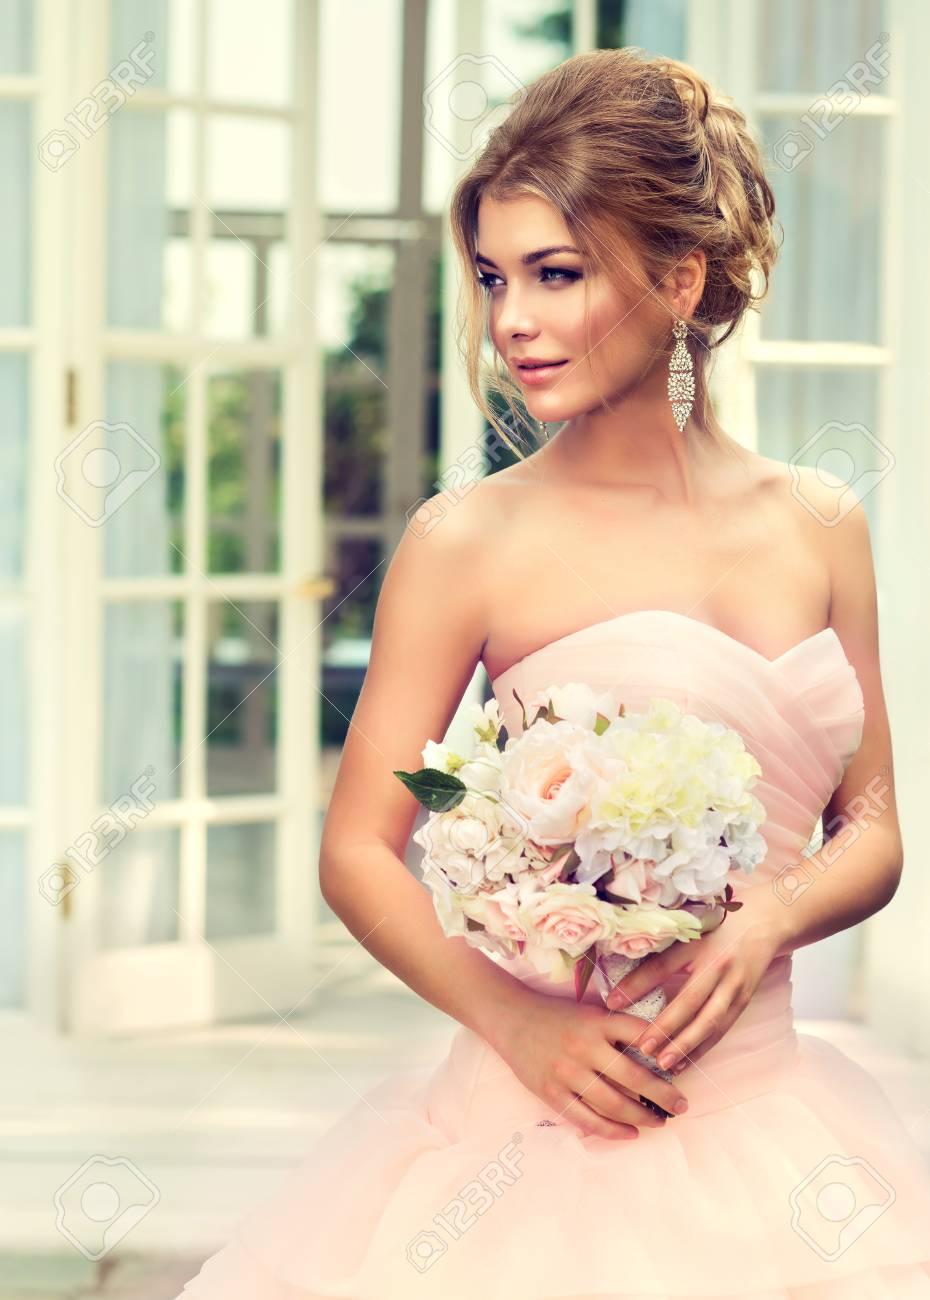 Junge, Attraktive Braut In Wunderschönen Und Posh Brautkleid Mit ...